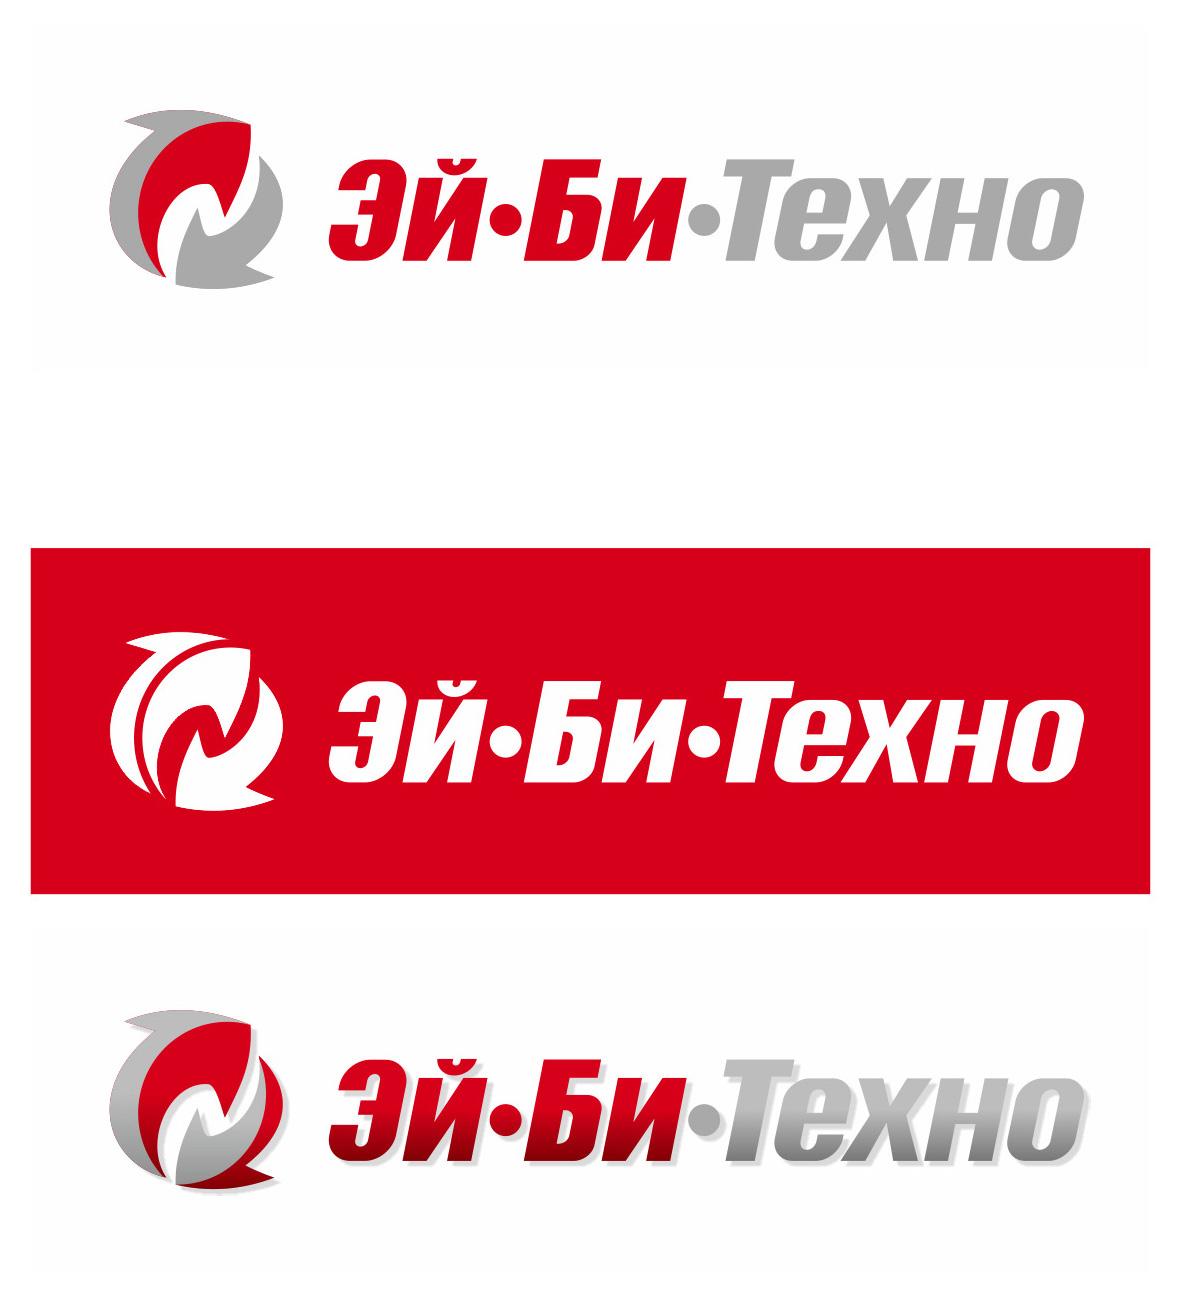 Разработка логотипа и фирменного стиля фото f_2275cd8549f544d4.jpg